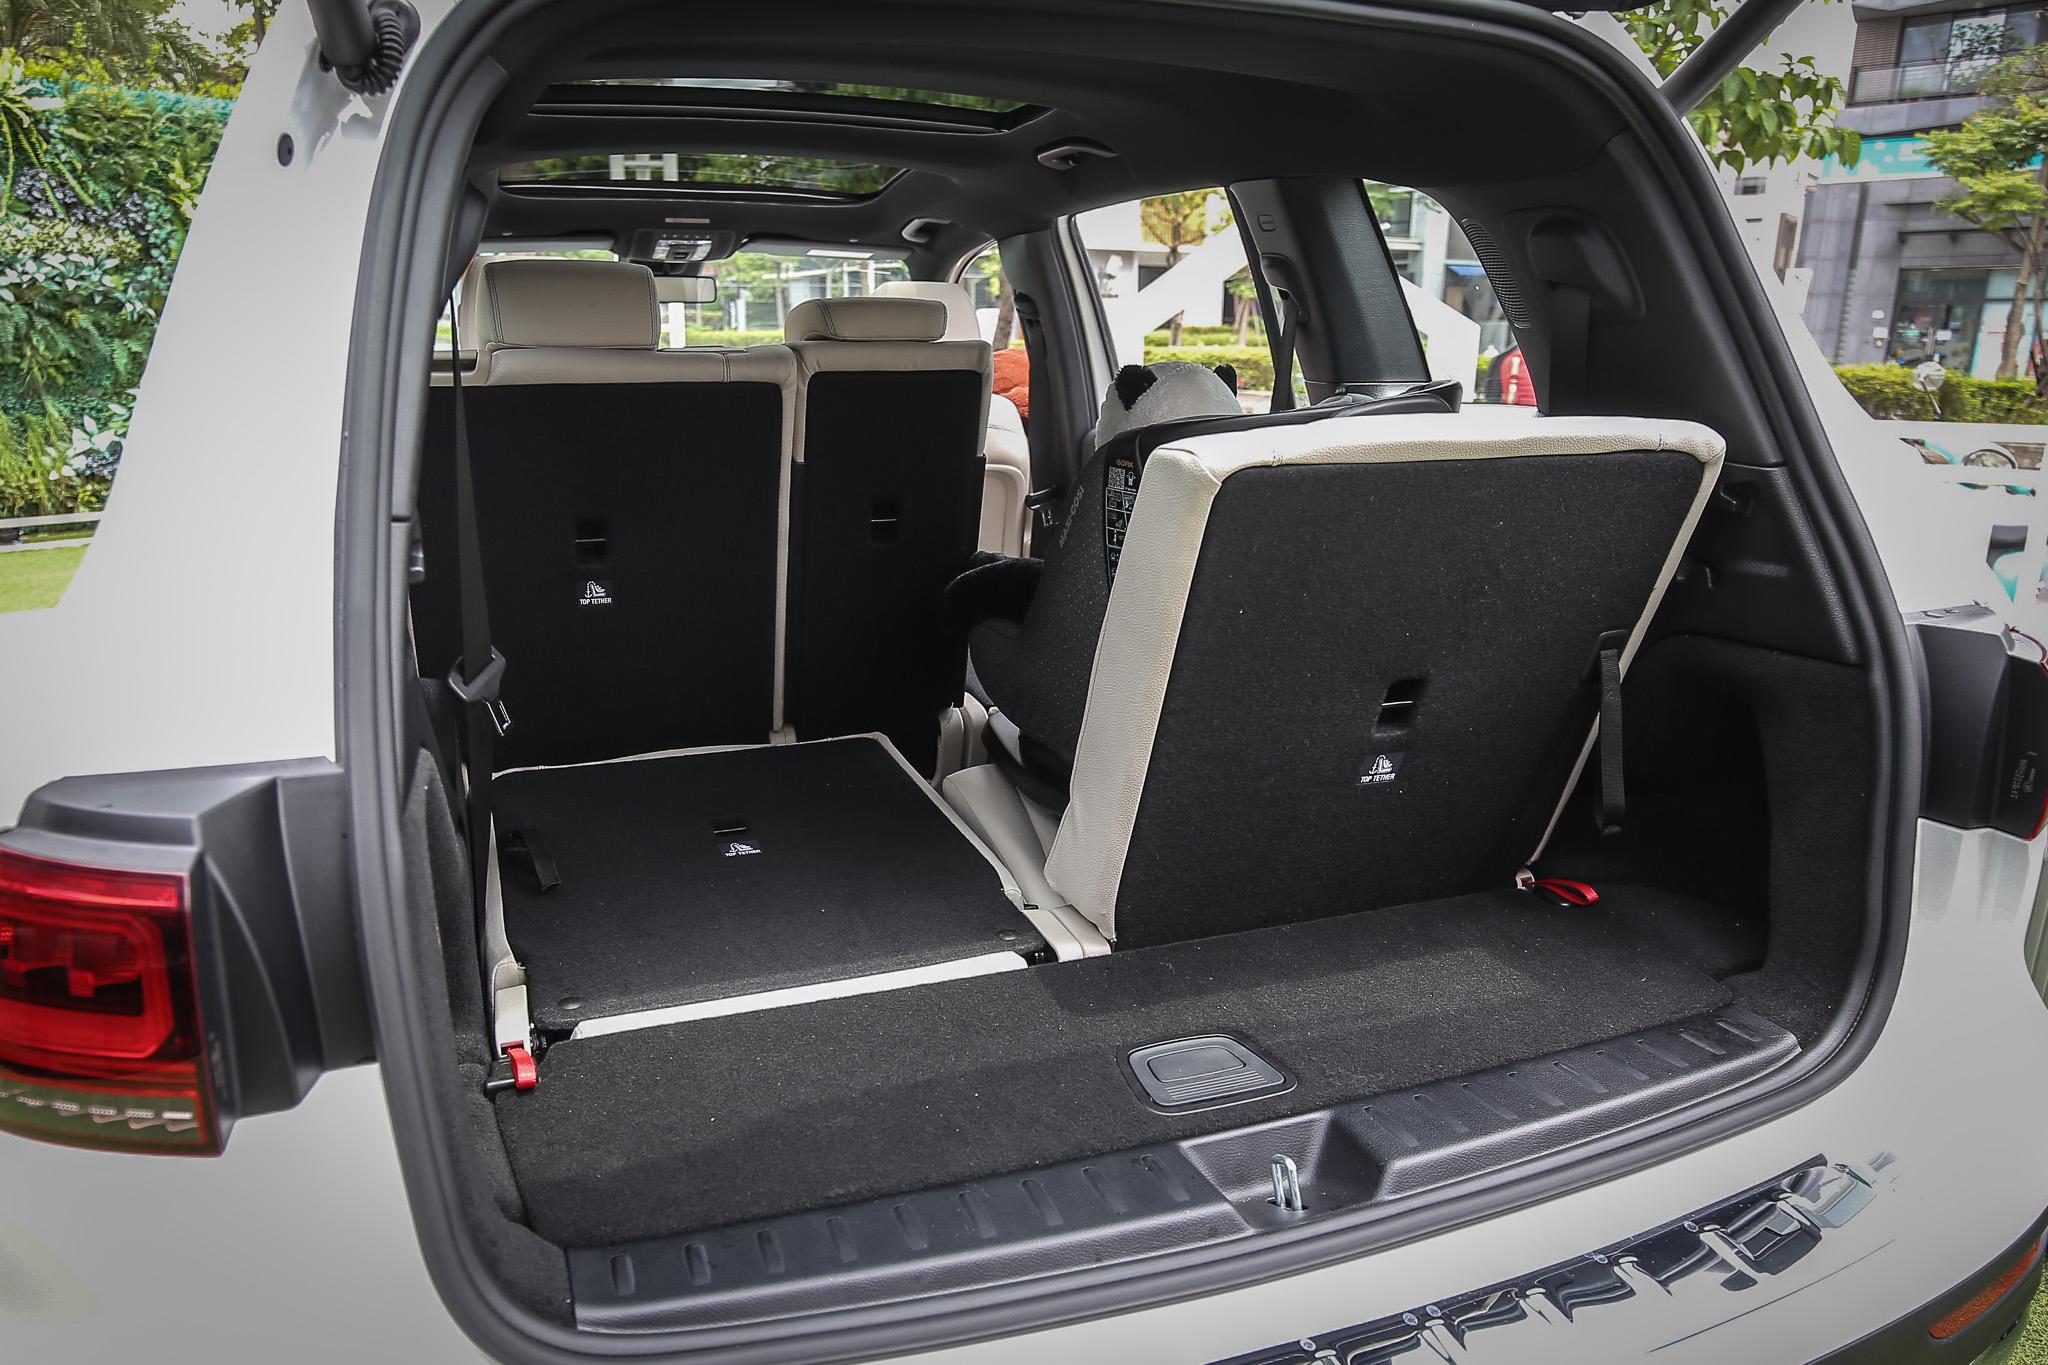 安裝第三排座椅後,後廂容積縮小許多。